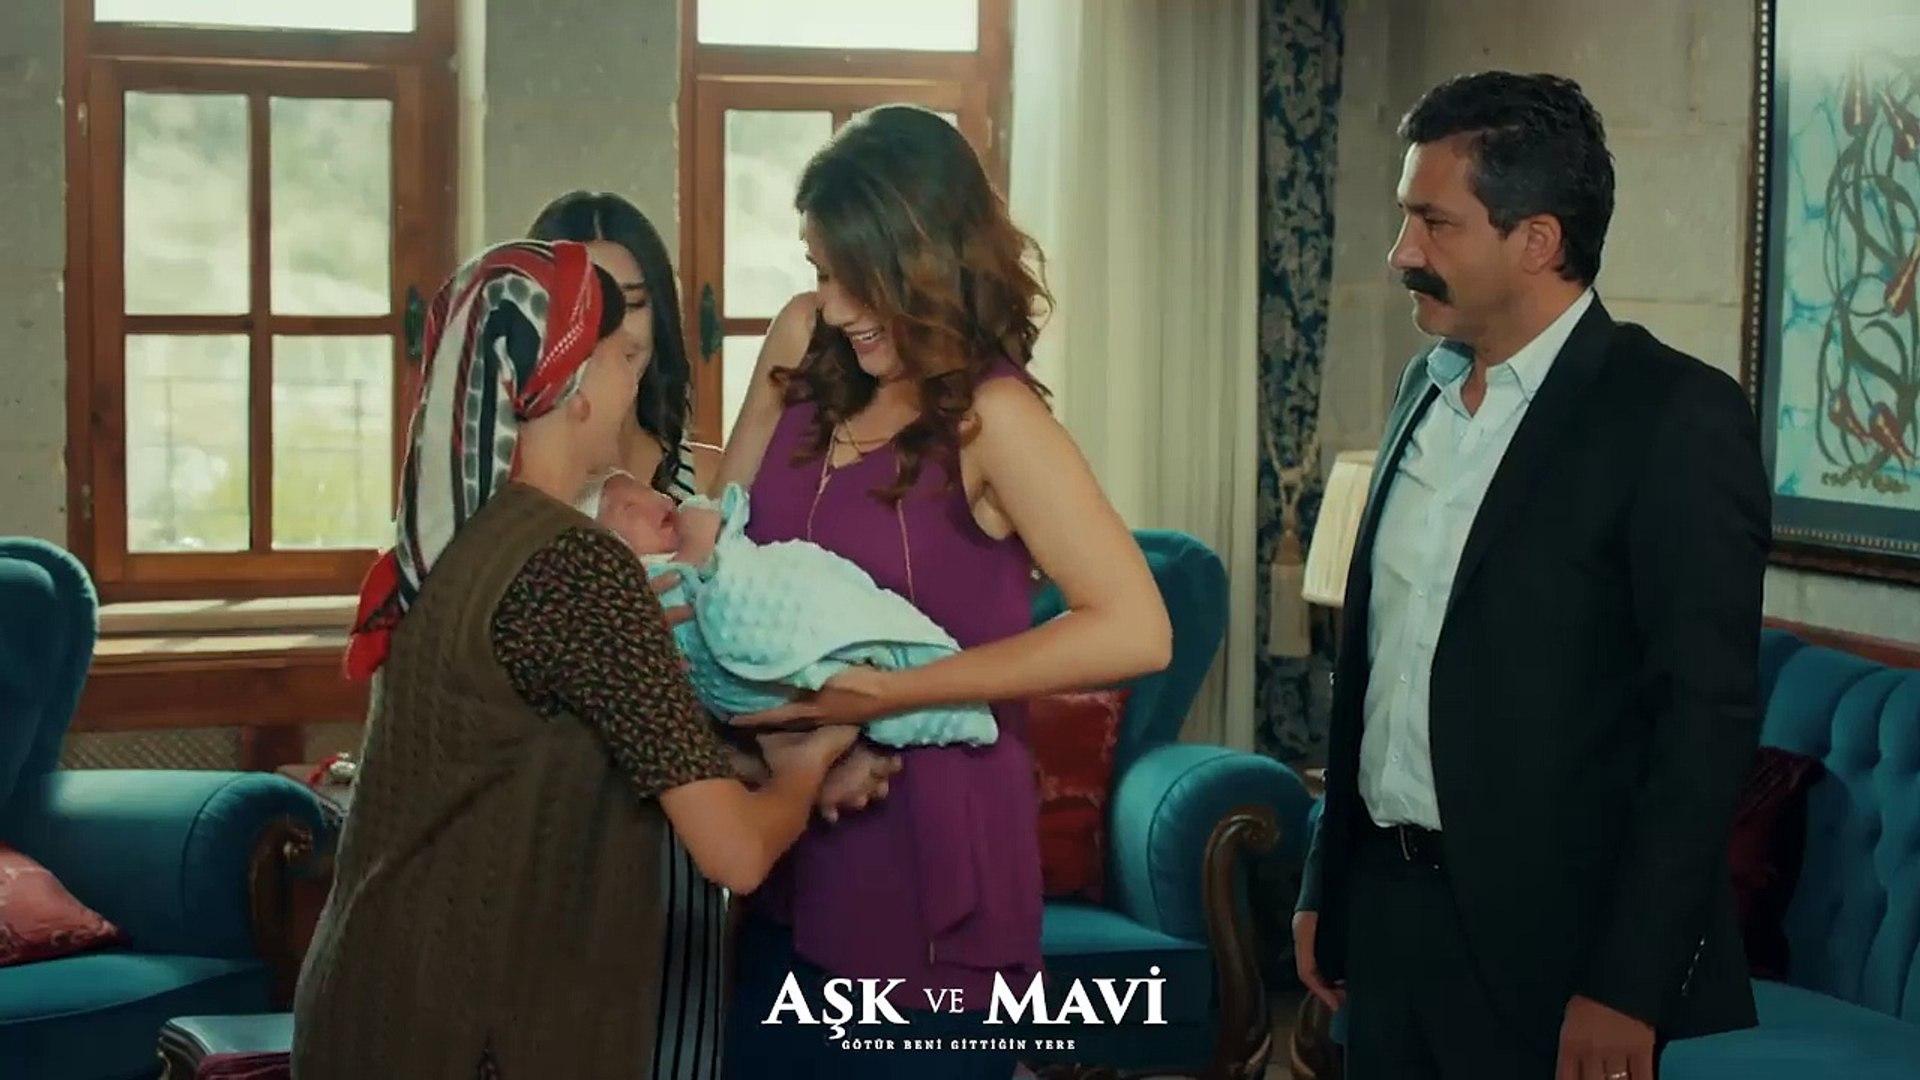 Aşk ve Mavi 34.Bölüm - Cemal, Fatma'nın bebeği sevmesinden rahatsız oluyor!